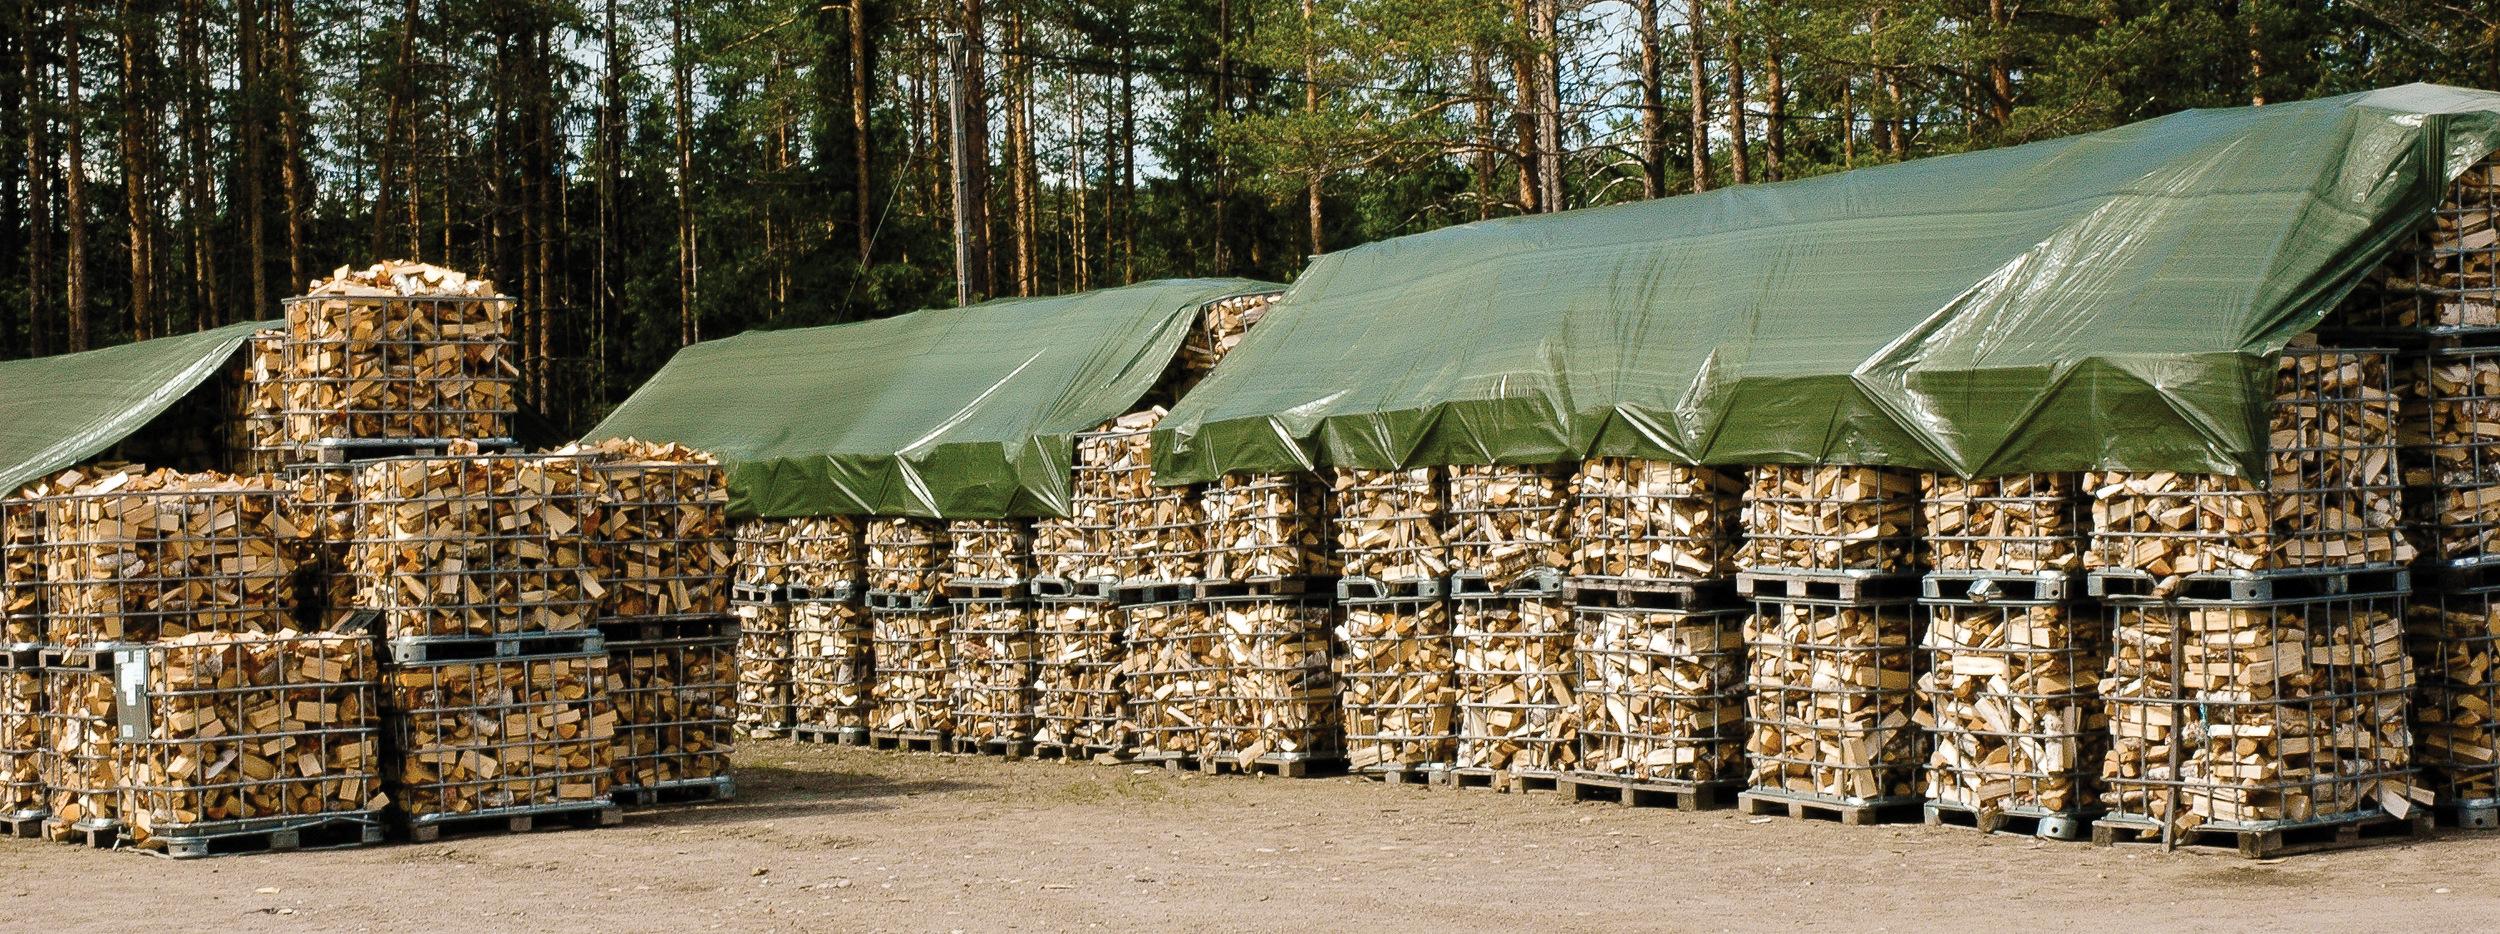 I 2012 var det økt vedforbruk i husholdningene, men mindre bruk av biomasse i industrien. Elverum, Hedmark. Foto: Geir-Harald Strand, NIBIO